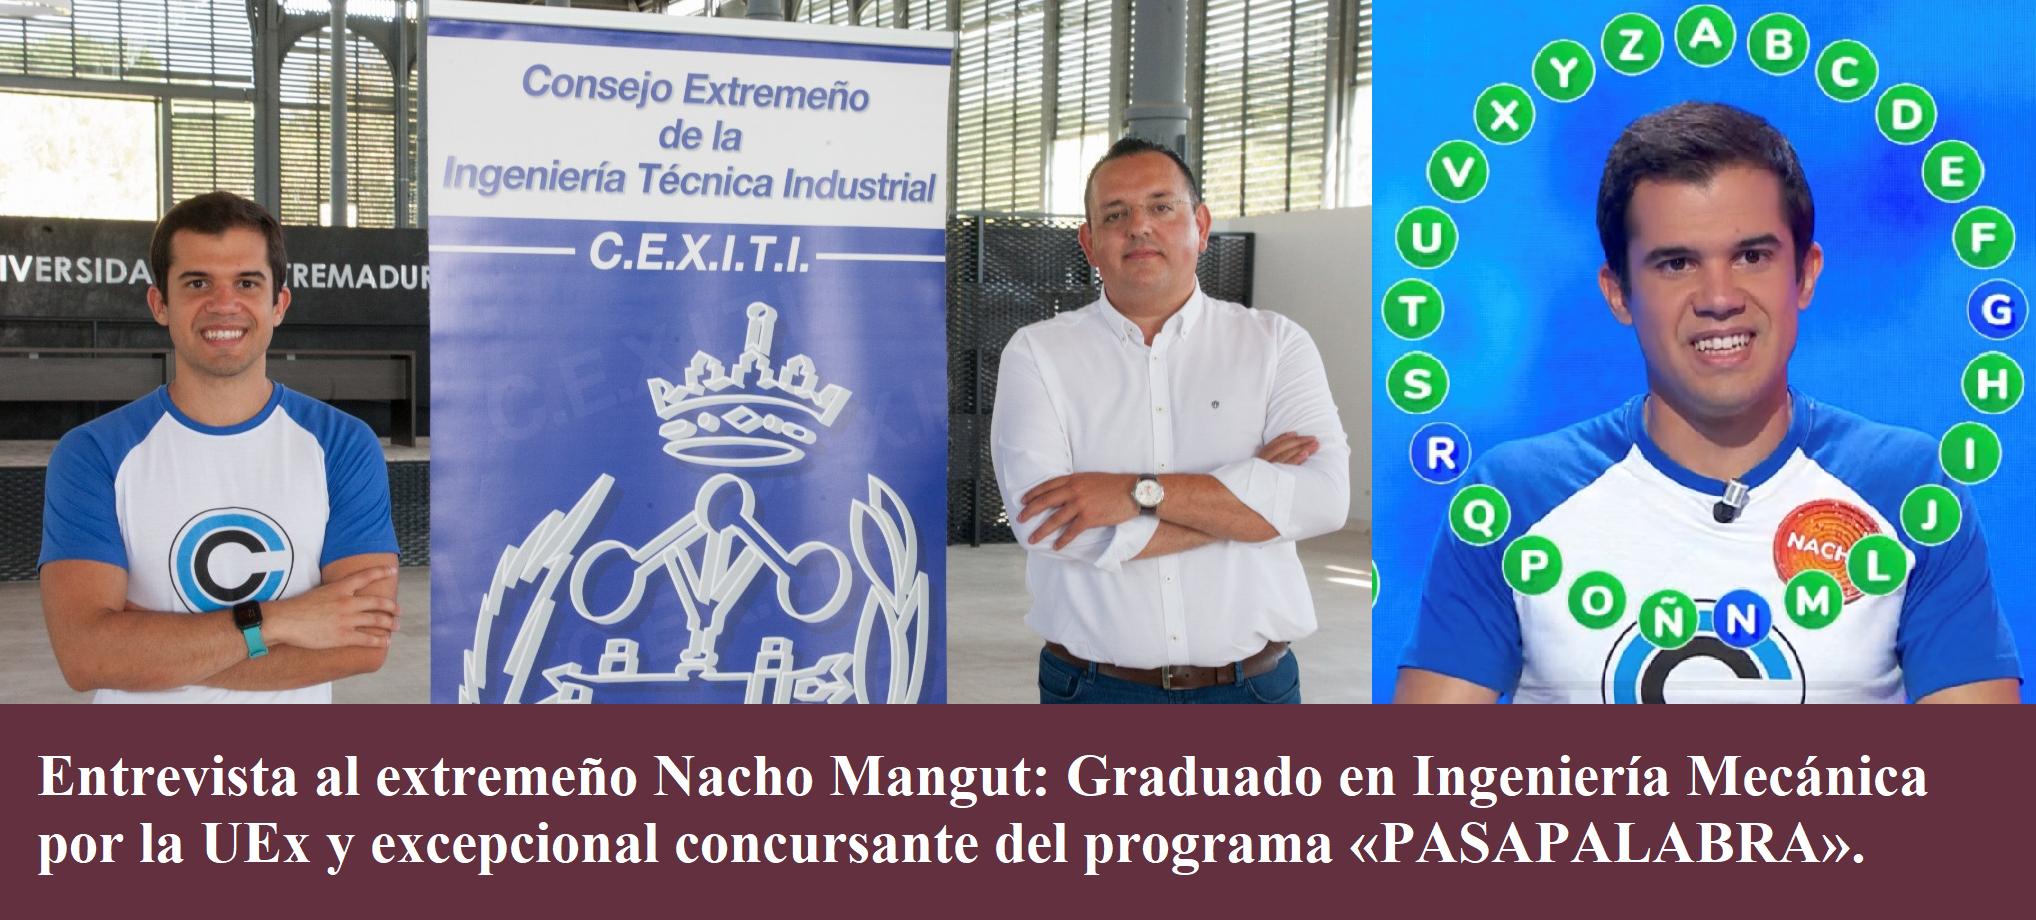 Entrevista del CEXITI a Nacho Mangut, el ingeniero extremeño que triunfa en PASAPALABRA